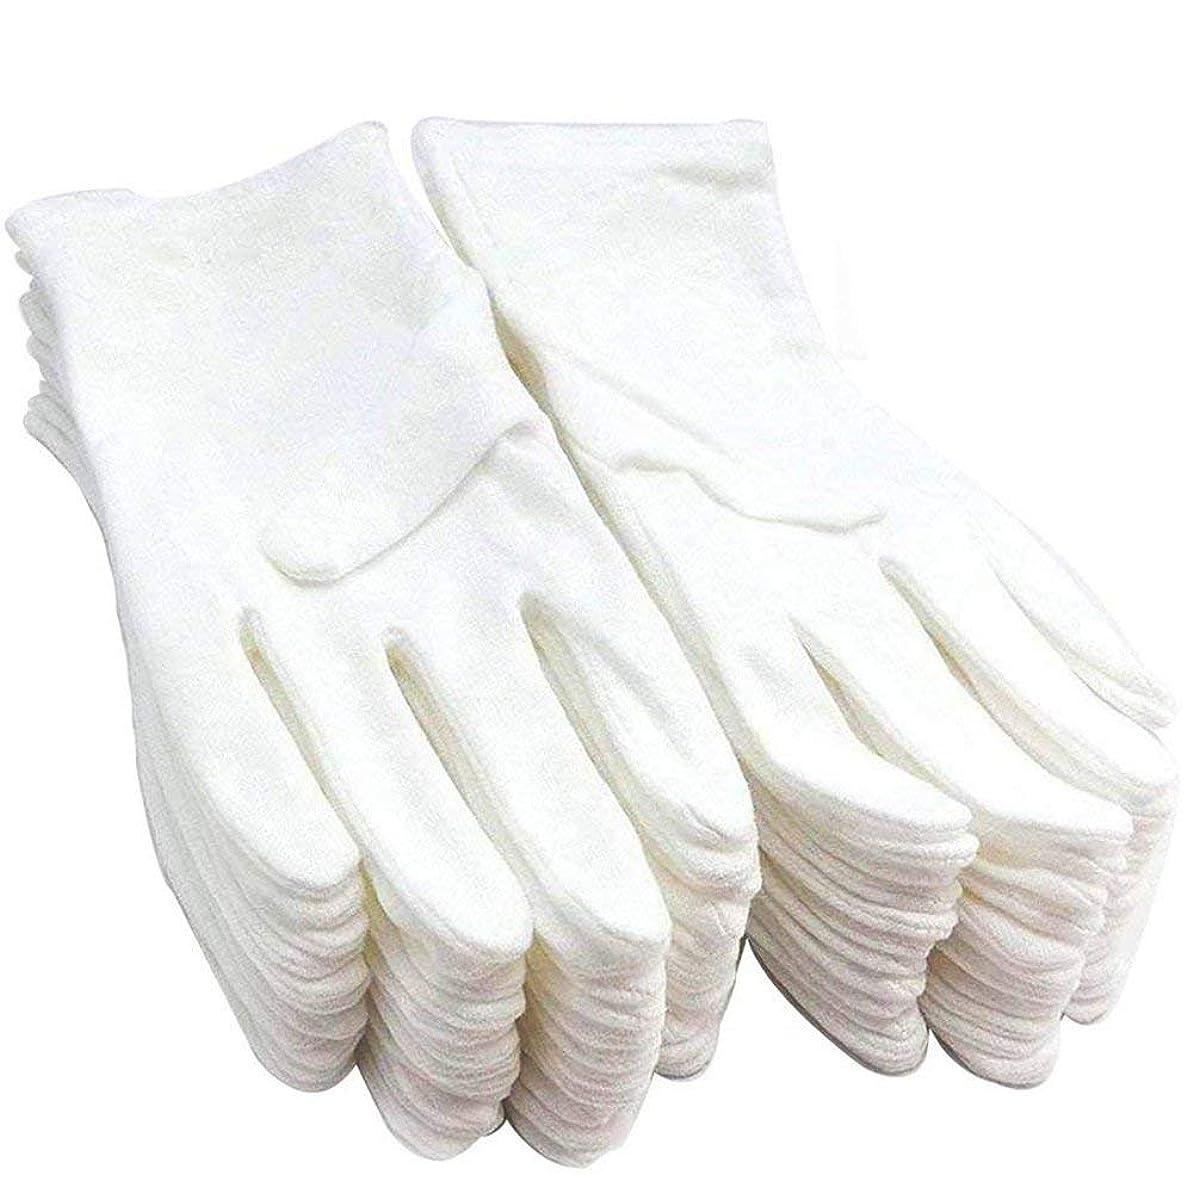 失業者アミューズメント家事をするStardust 12双セット Sサイズ お触り手袋 コットン手袋 綿 手荒れ予防 純綿100% 白手袋 作業用 軍手 男女兼用 SD-12-OSATEBU-S